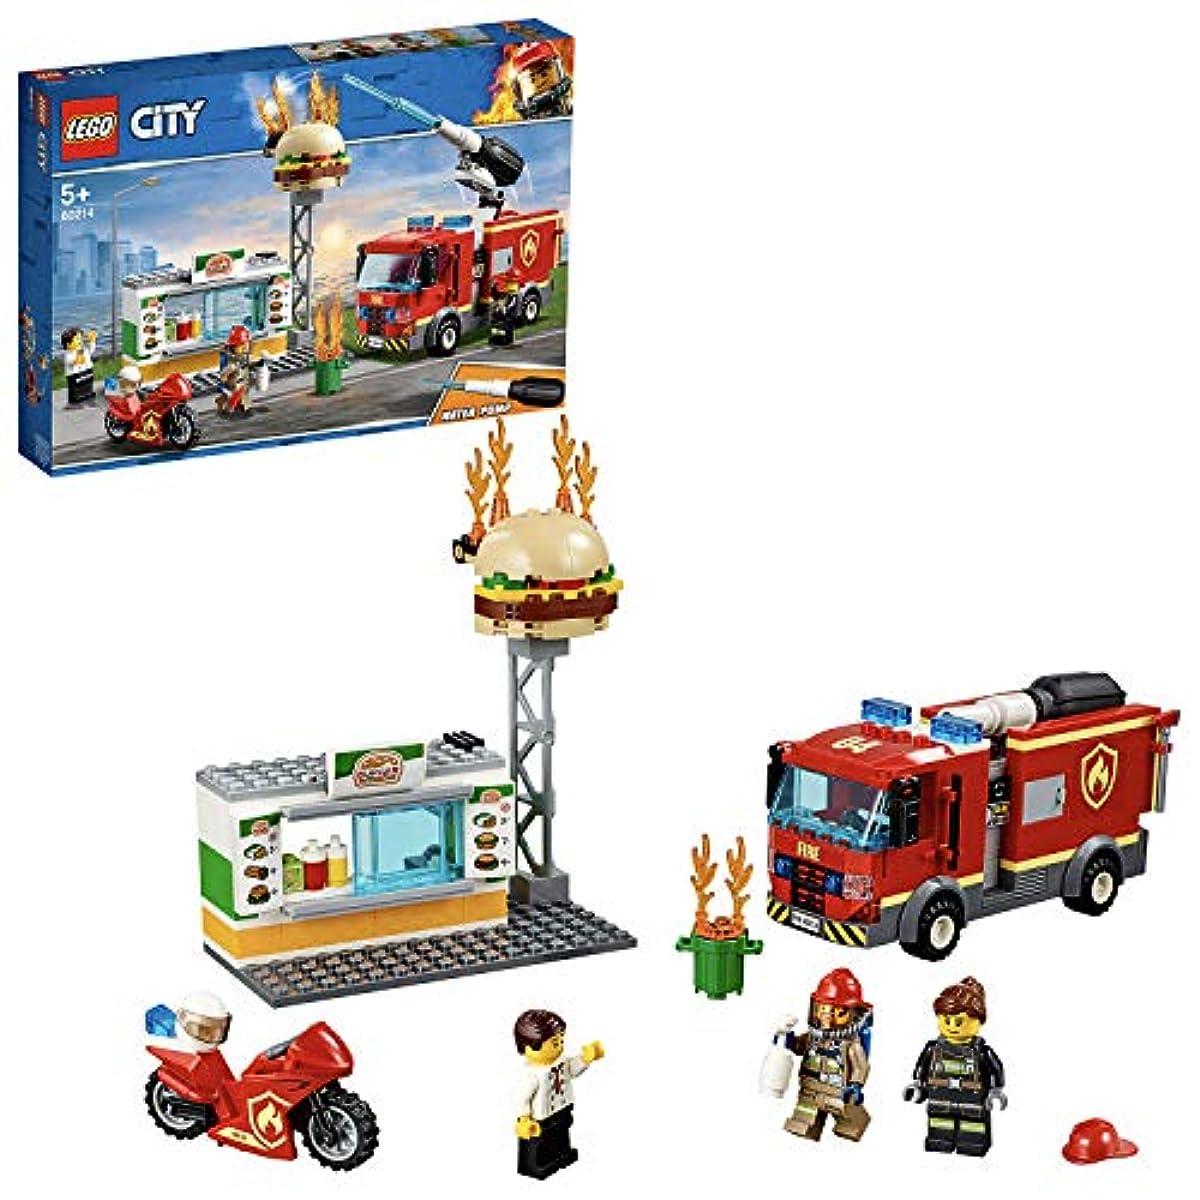 [해외] 레고(LEGO) 씨티 햄버거 가게의 화재 60214